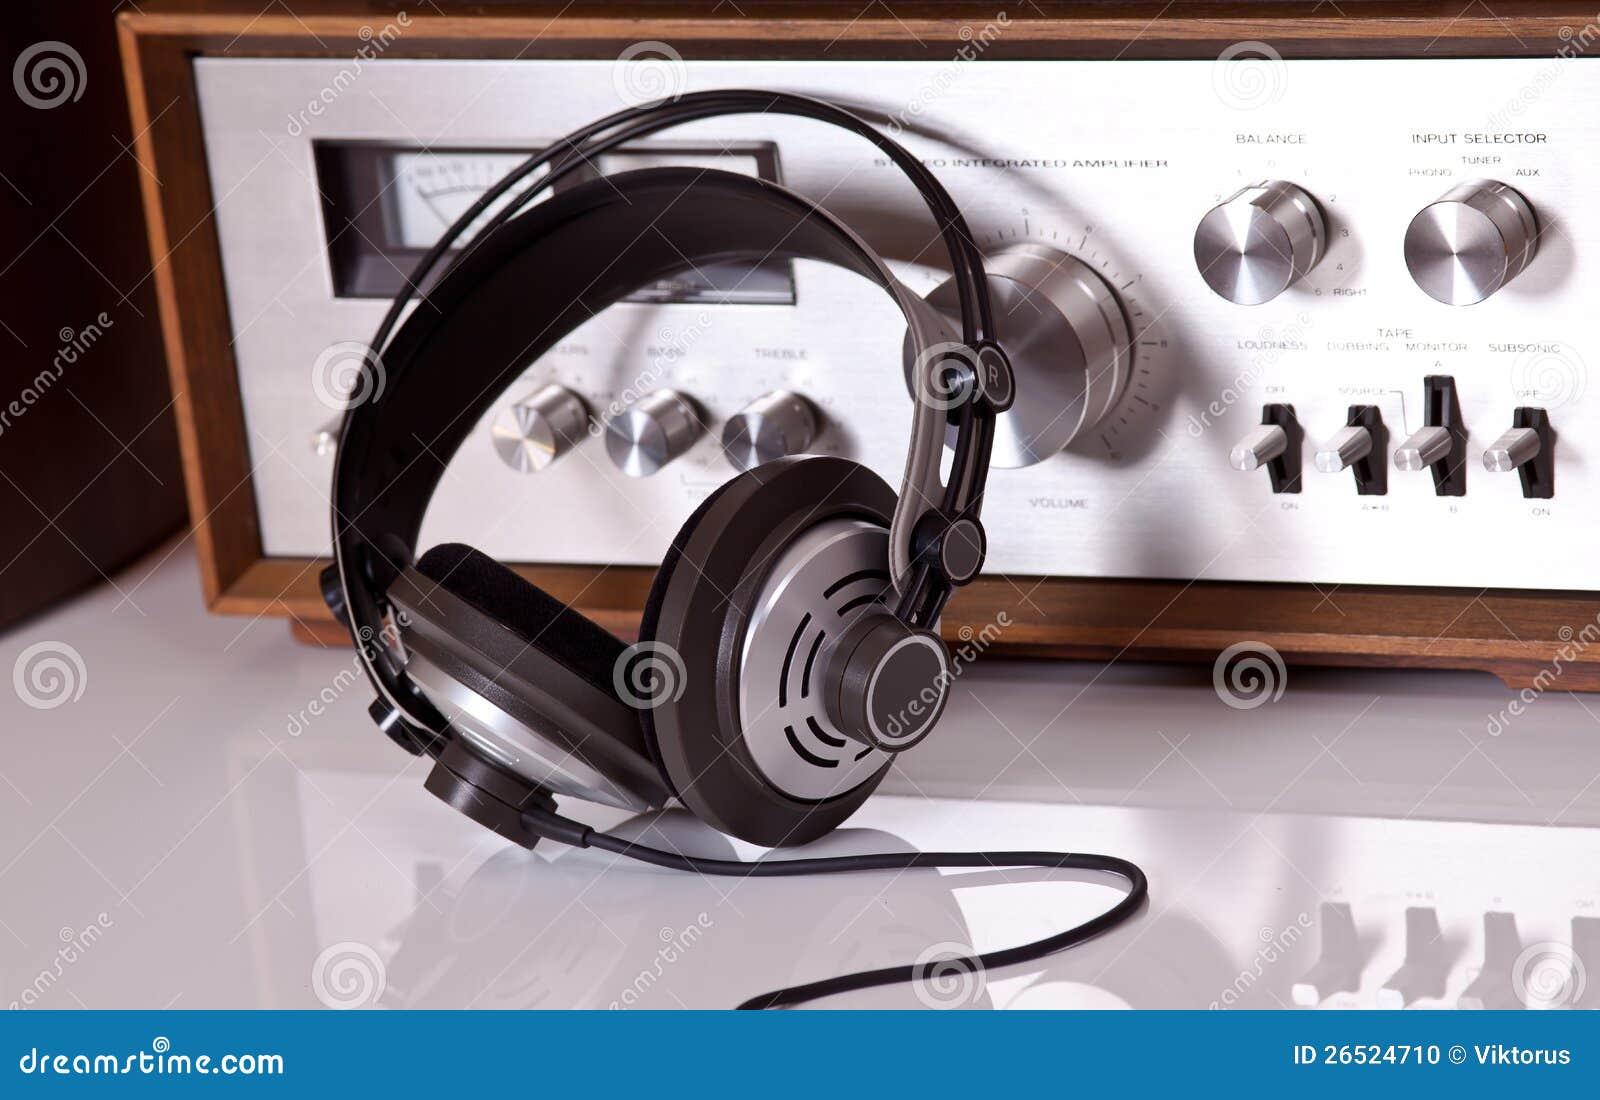 Auscultadores conectados ao estéreo audio do vintage